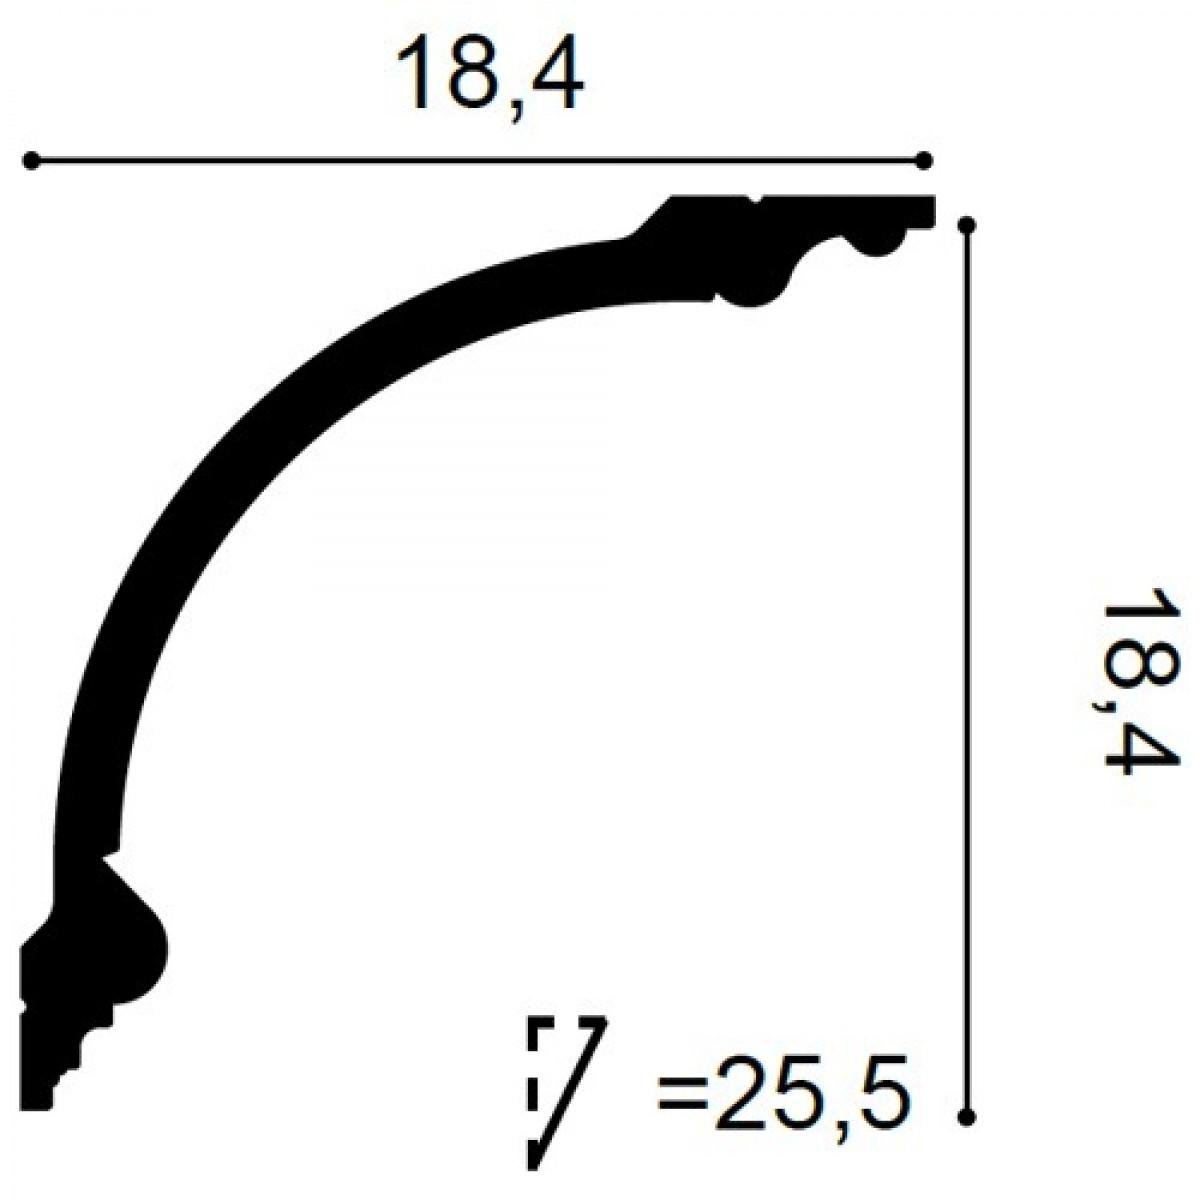 Cornisa Luxxus C338, Dimensiuni: 200 X 18.4 X 18.4 cm, Orac Decor